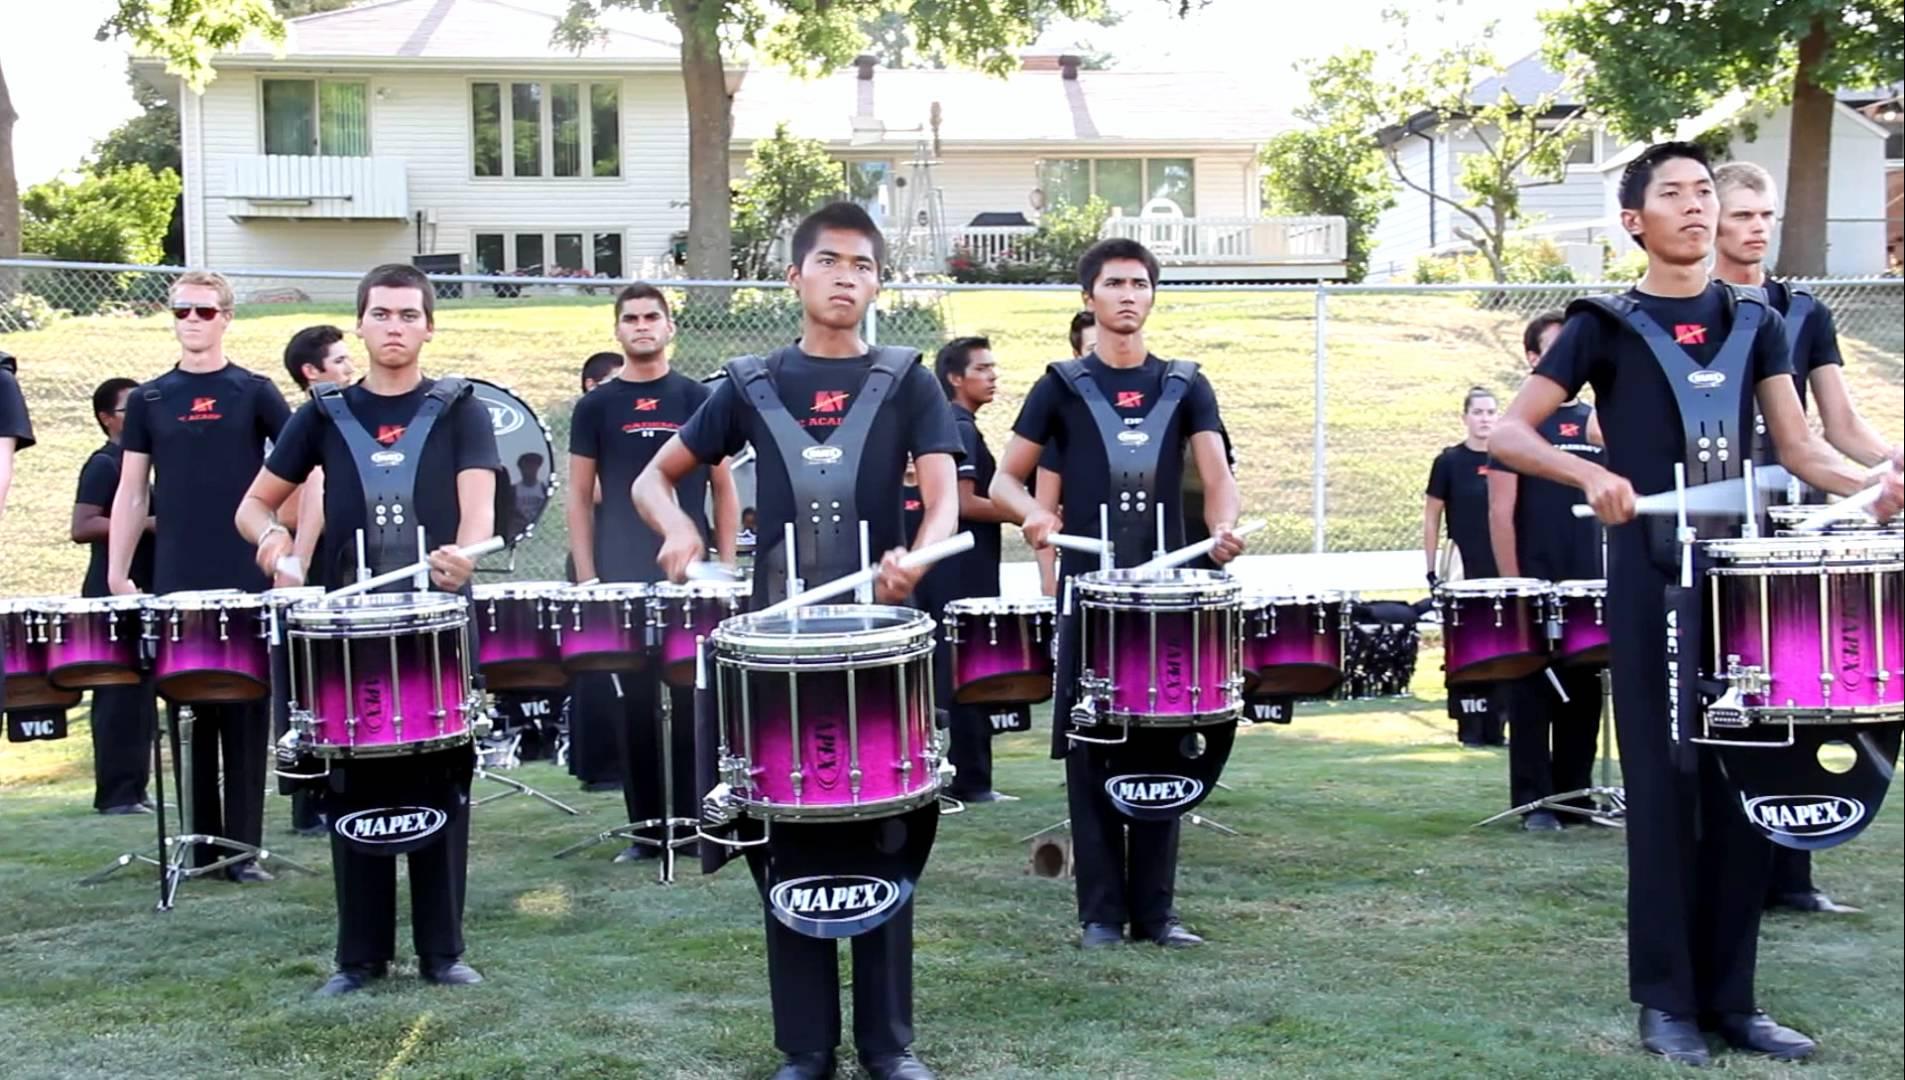 Academy Drumline @ DCI in Omaha